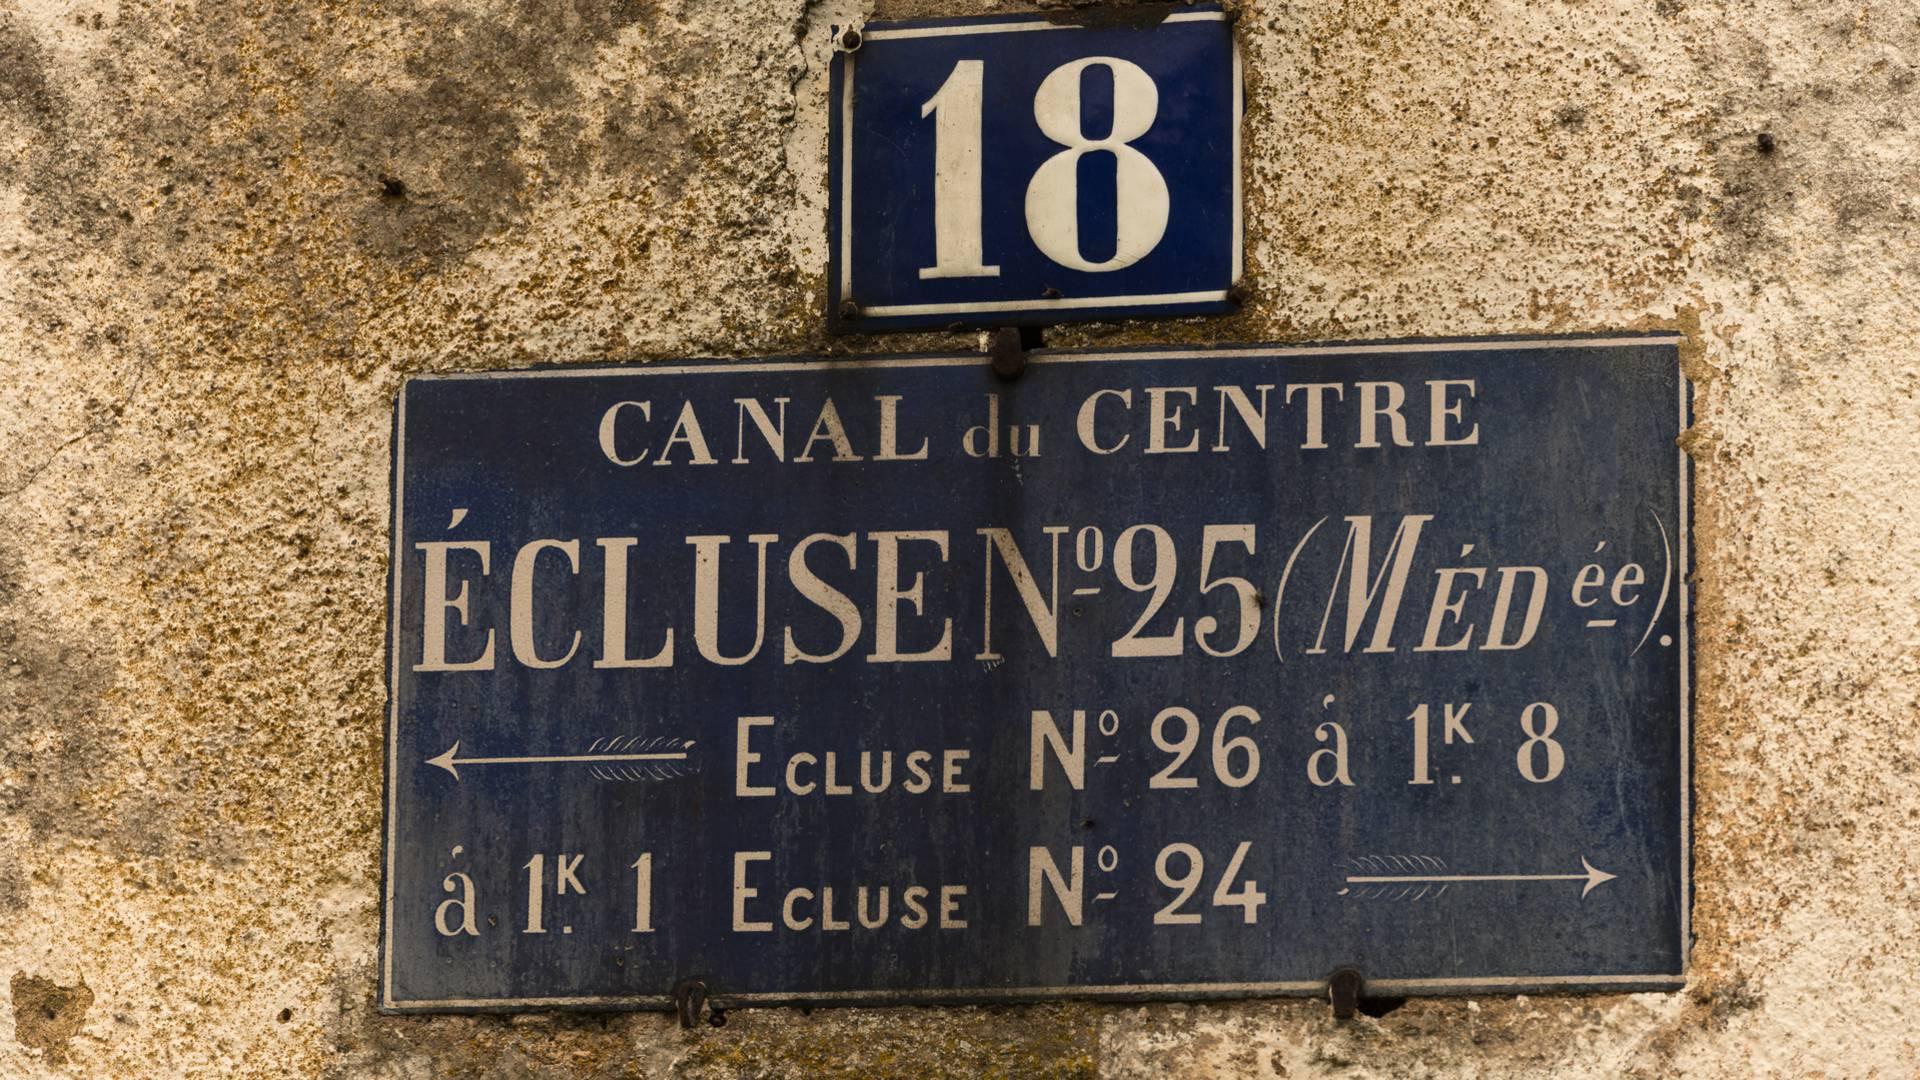 Vieille plaque émaillée apposée sur une maison éclusière, Saint-Julien-sur-Dheune. © Oscara Photogrpahe_Creusot Monteau Tourisme.